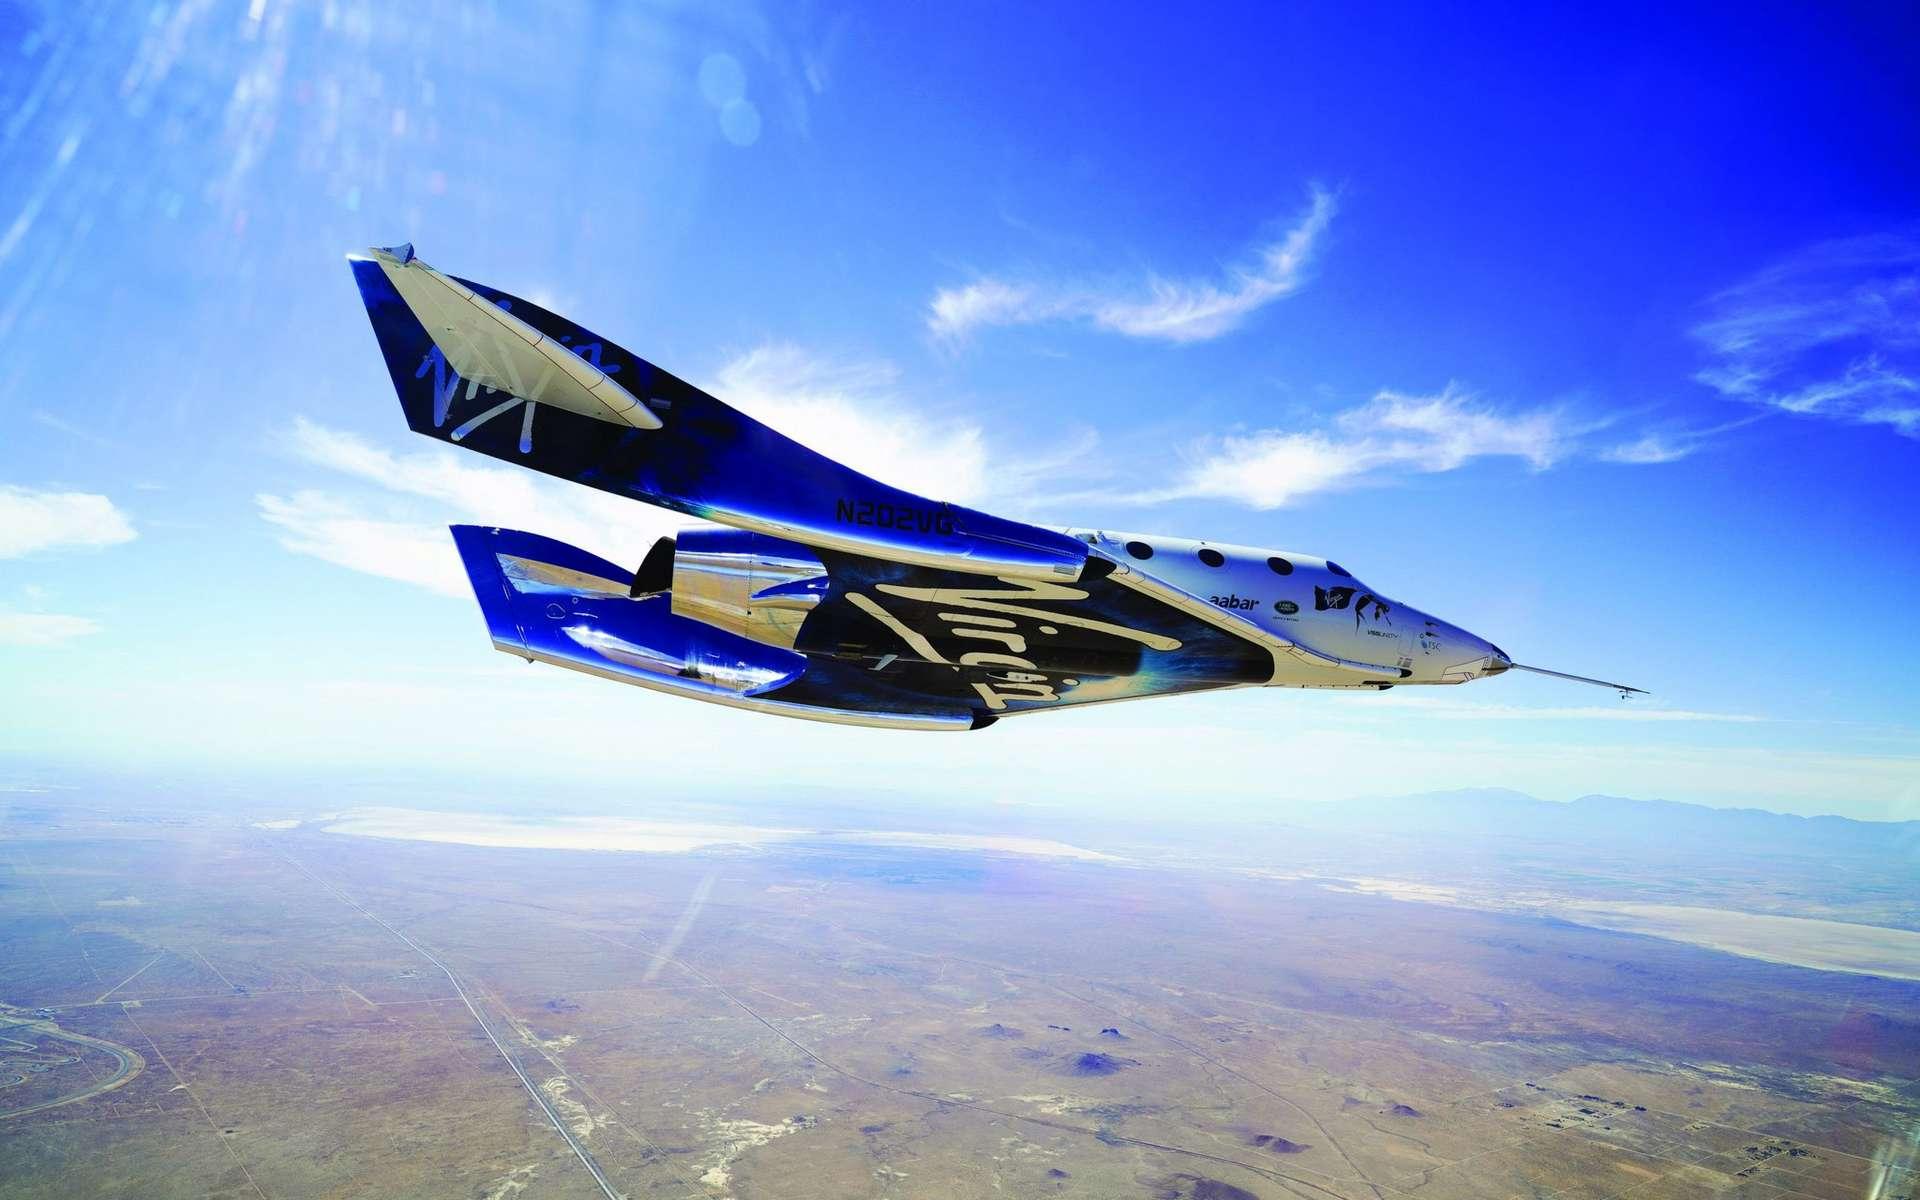 Le SpaceShipTwo (VSS Unity) au-dessus de l'aéroport et port spatial de Mojave. © Virgin Galactic